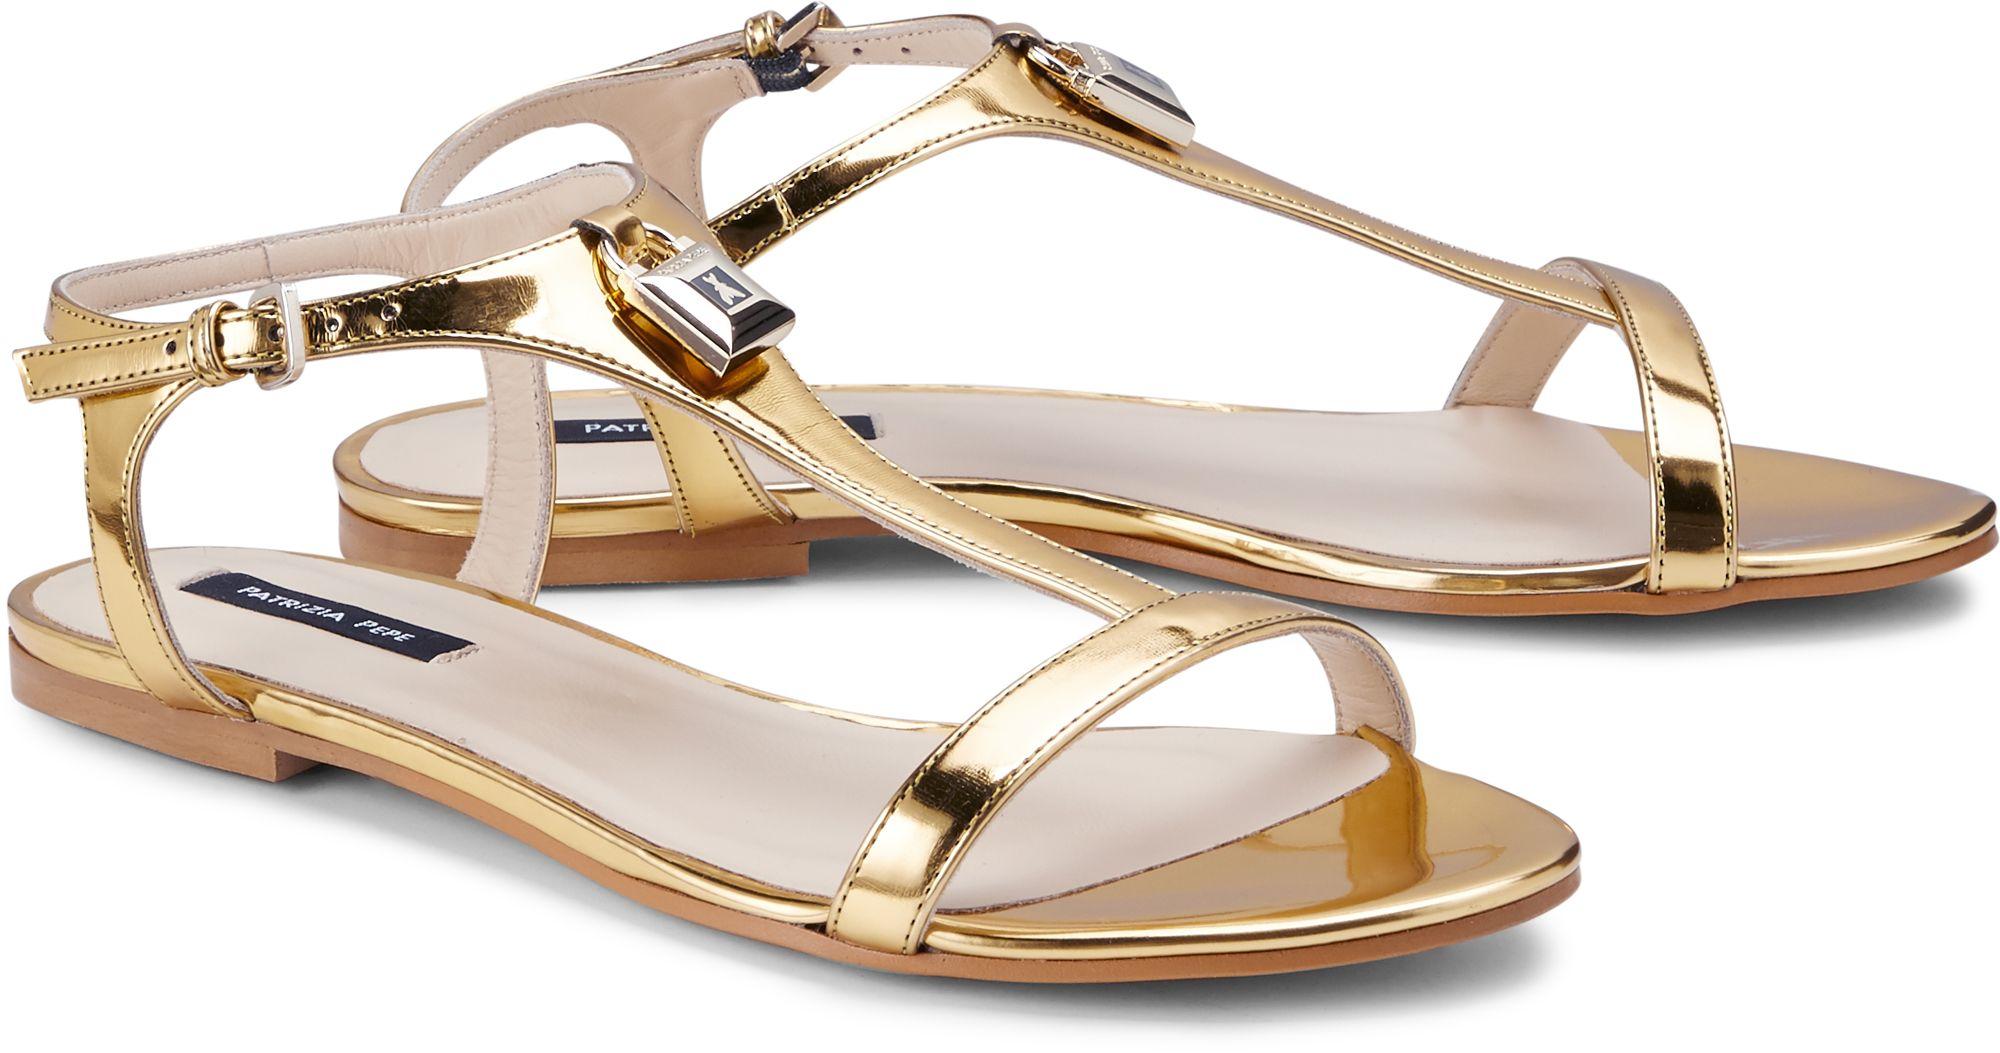 Luxus Sandalette von Patrizia Pepe in gold für Damen. Gr. 36,37,37,5,38,38,5,39,40,40,5